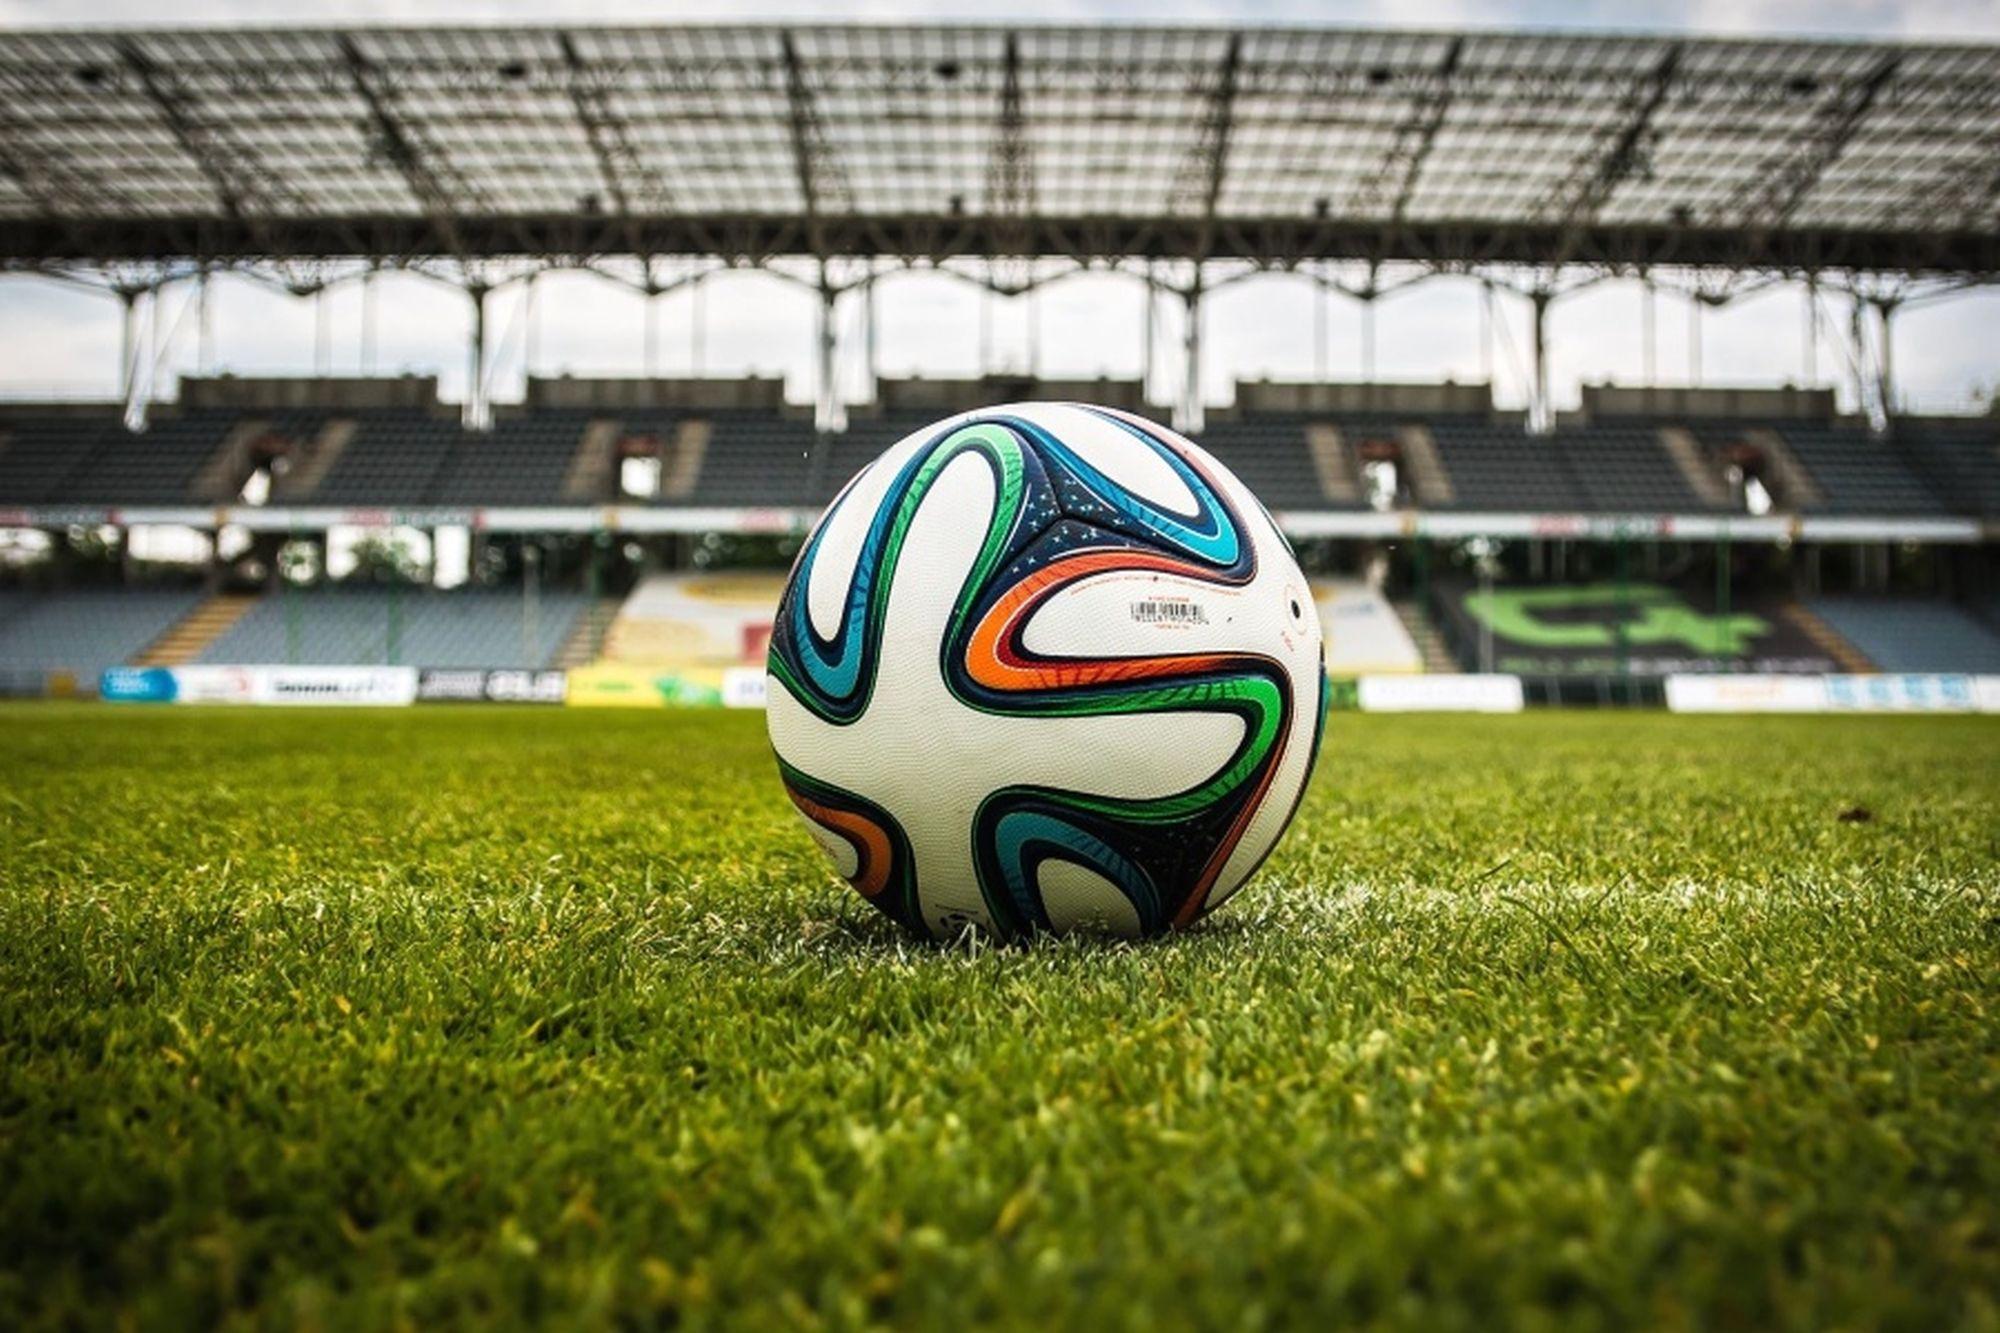 Calendario Coppa Italia 2020: date e tabellone completo